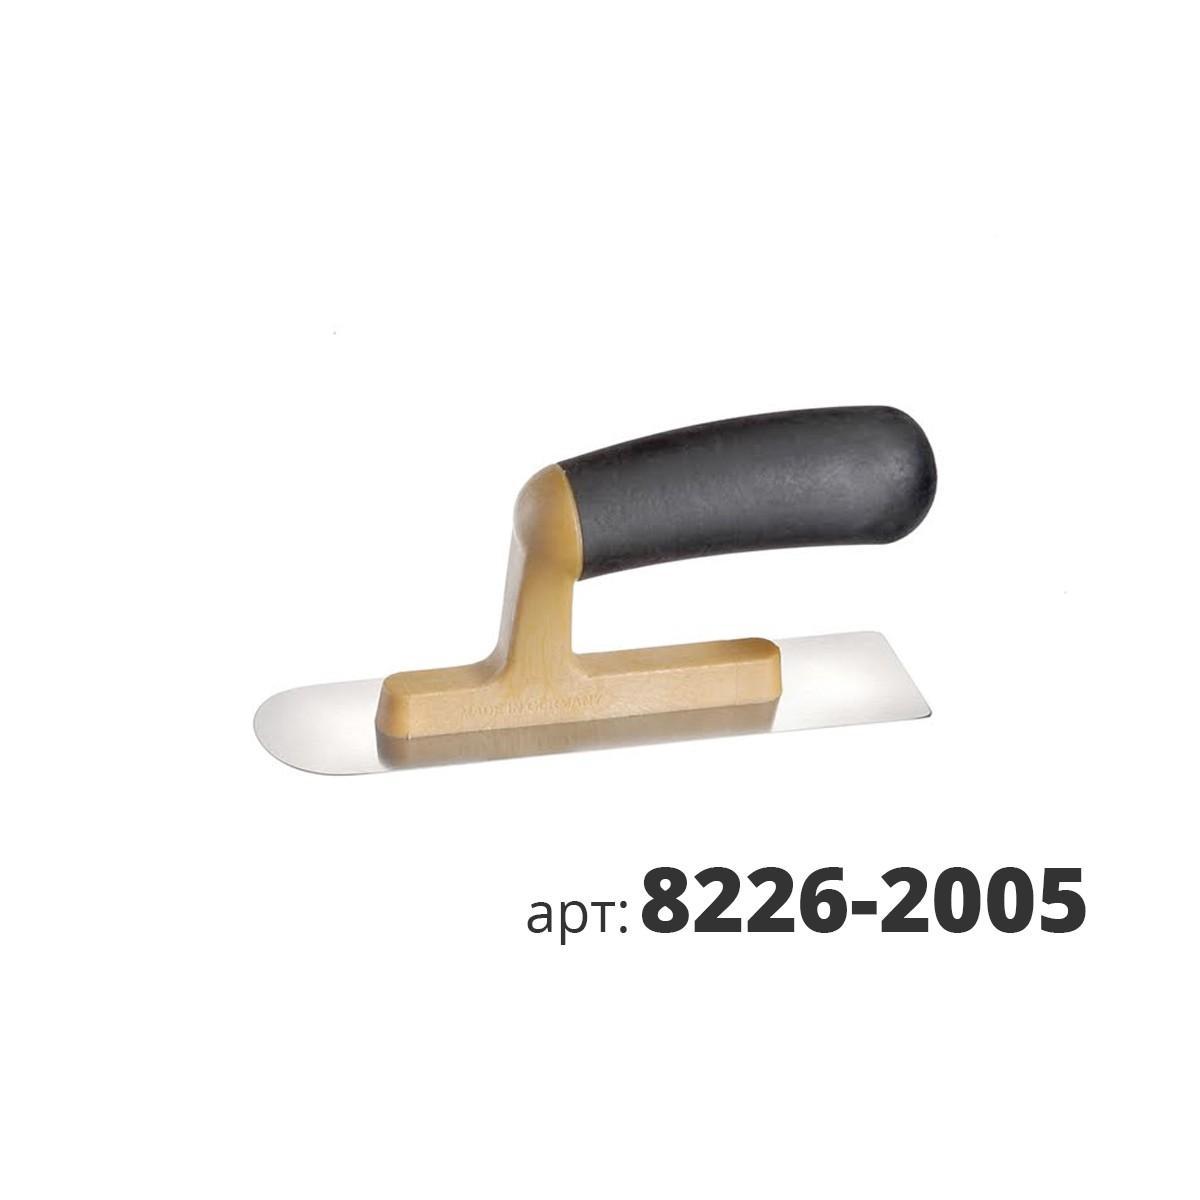 KUHLEN кельма венецианская 8226-2005